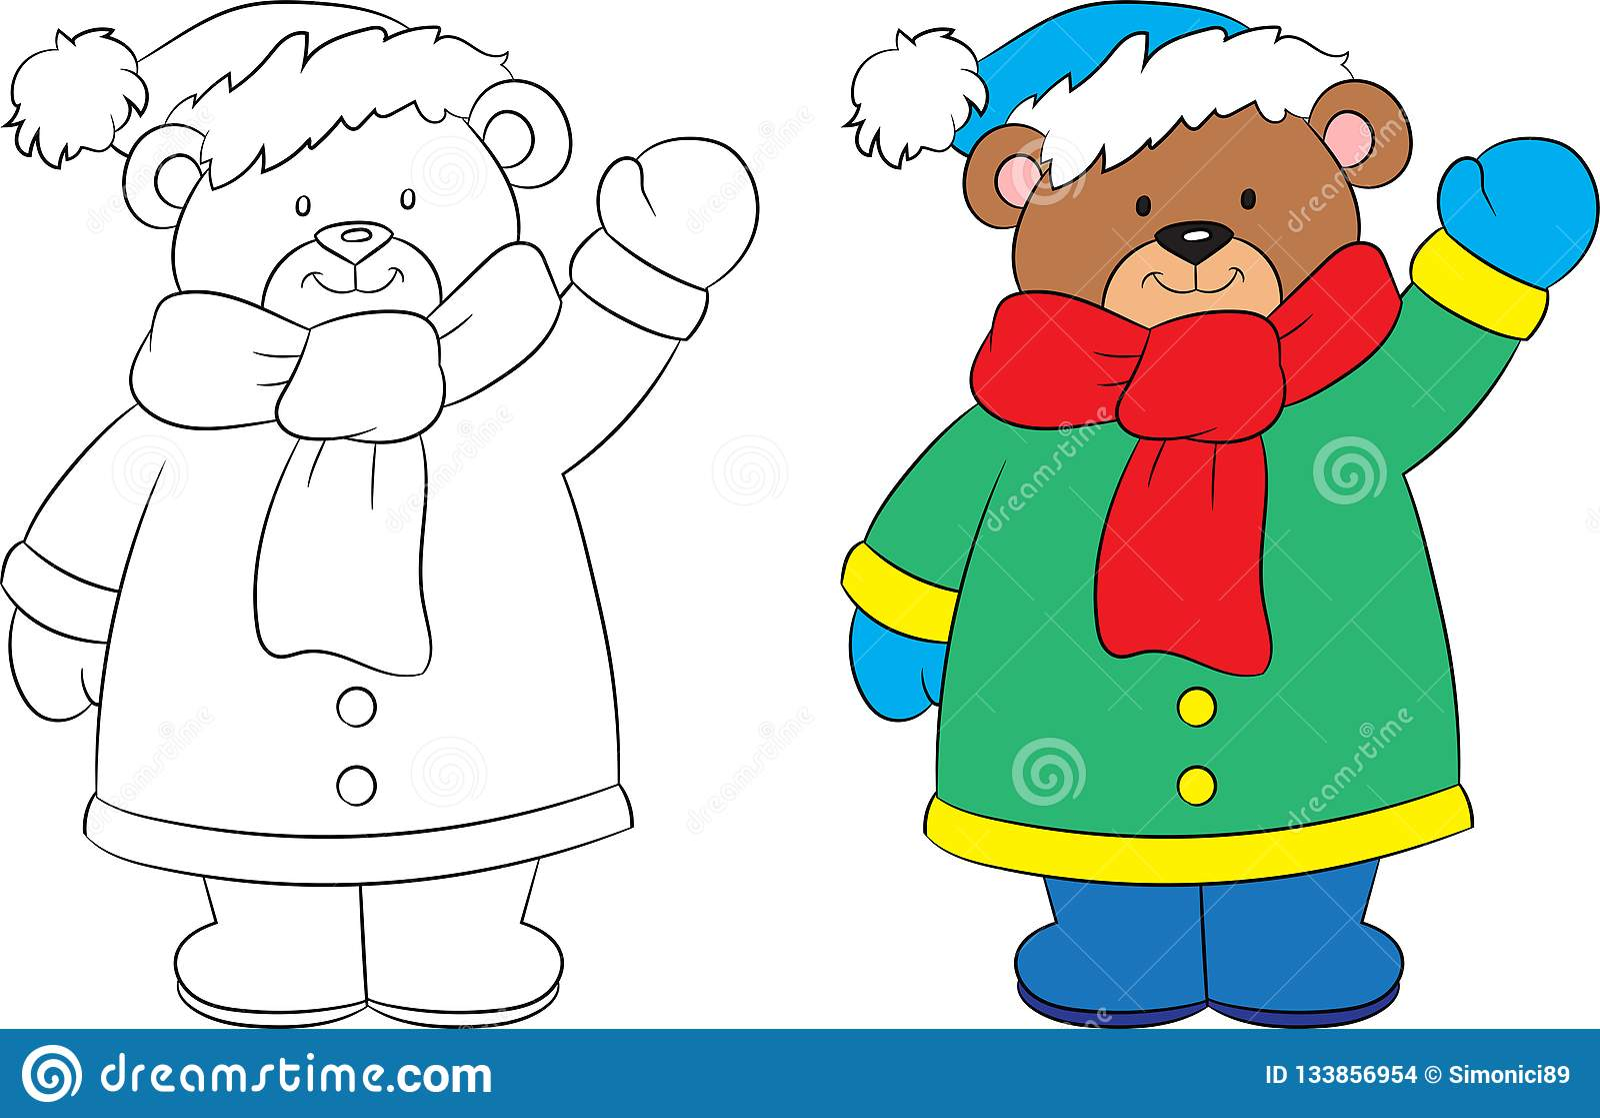 Before and after tekening van een leuke kleine teddybeer, zwart-wit en een kleur, in de winter, ideaal voor de kleuringsboek van